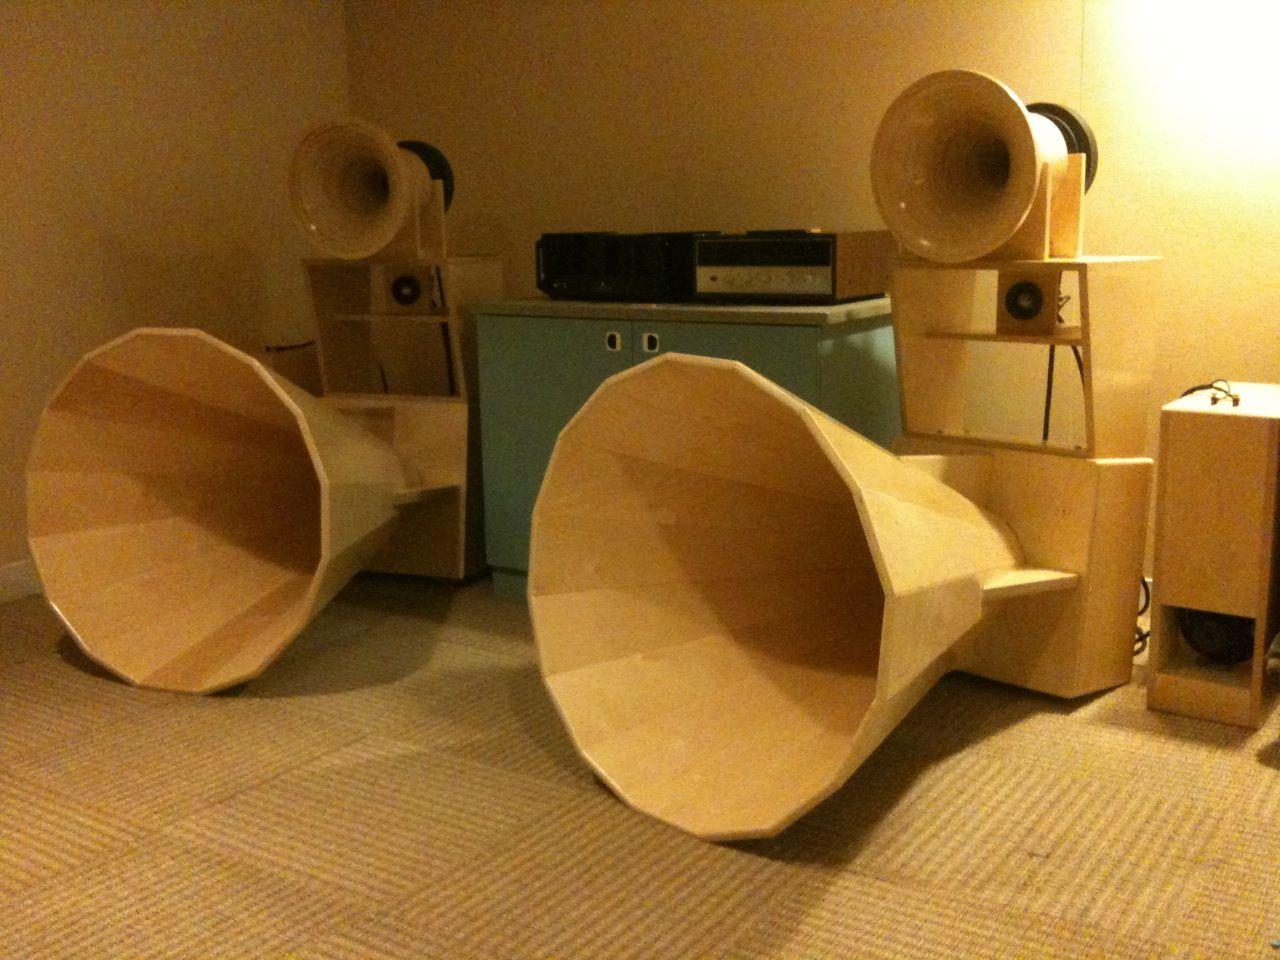 Diy Wooden Horn Tweeter Google Search Sound Tech Horns Wooden